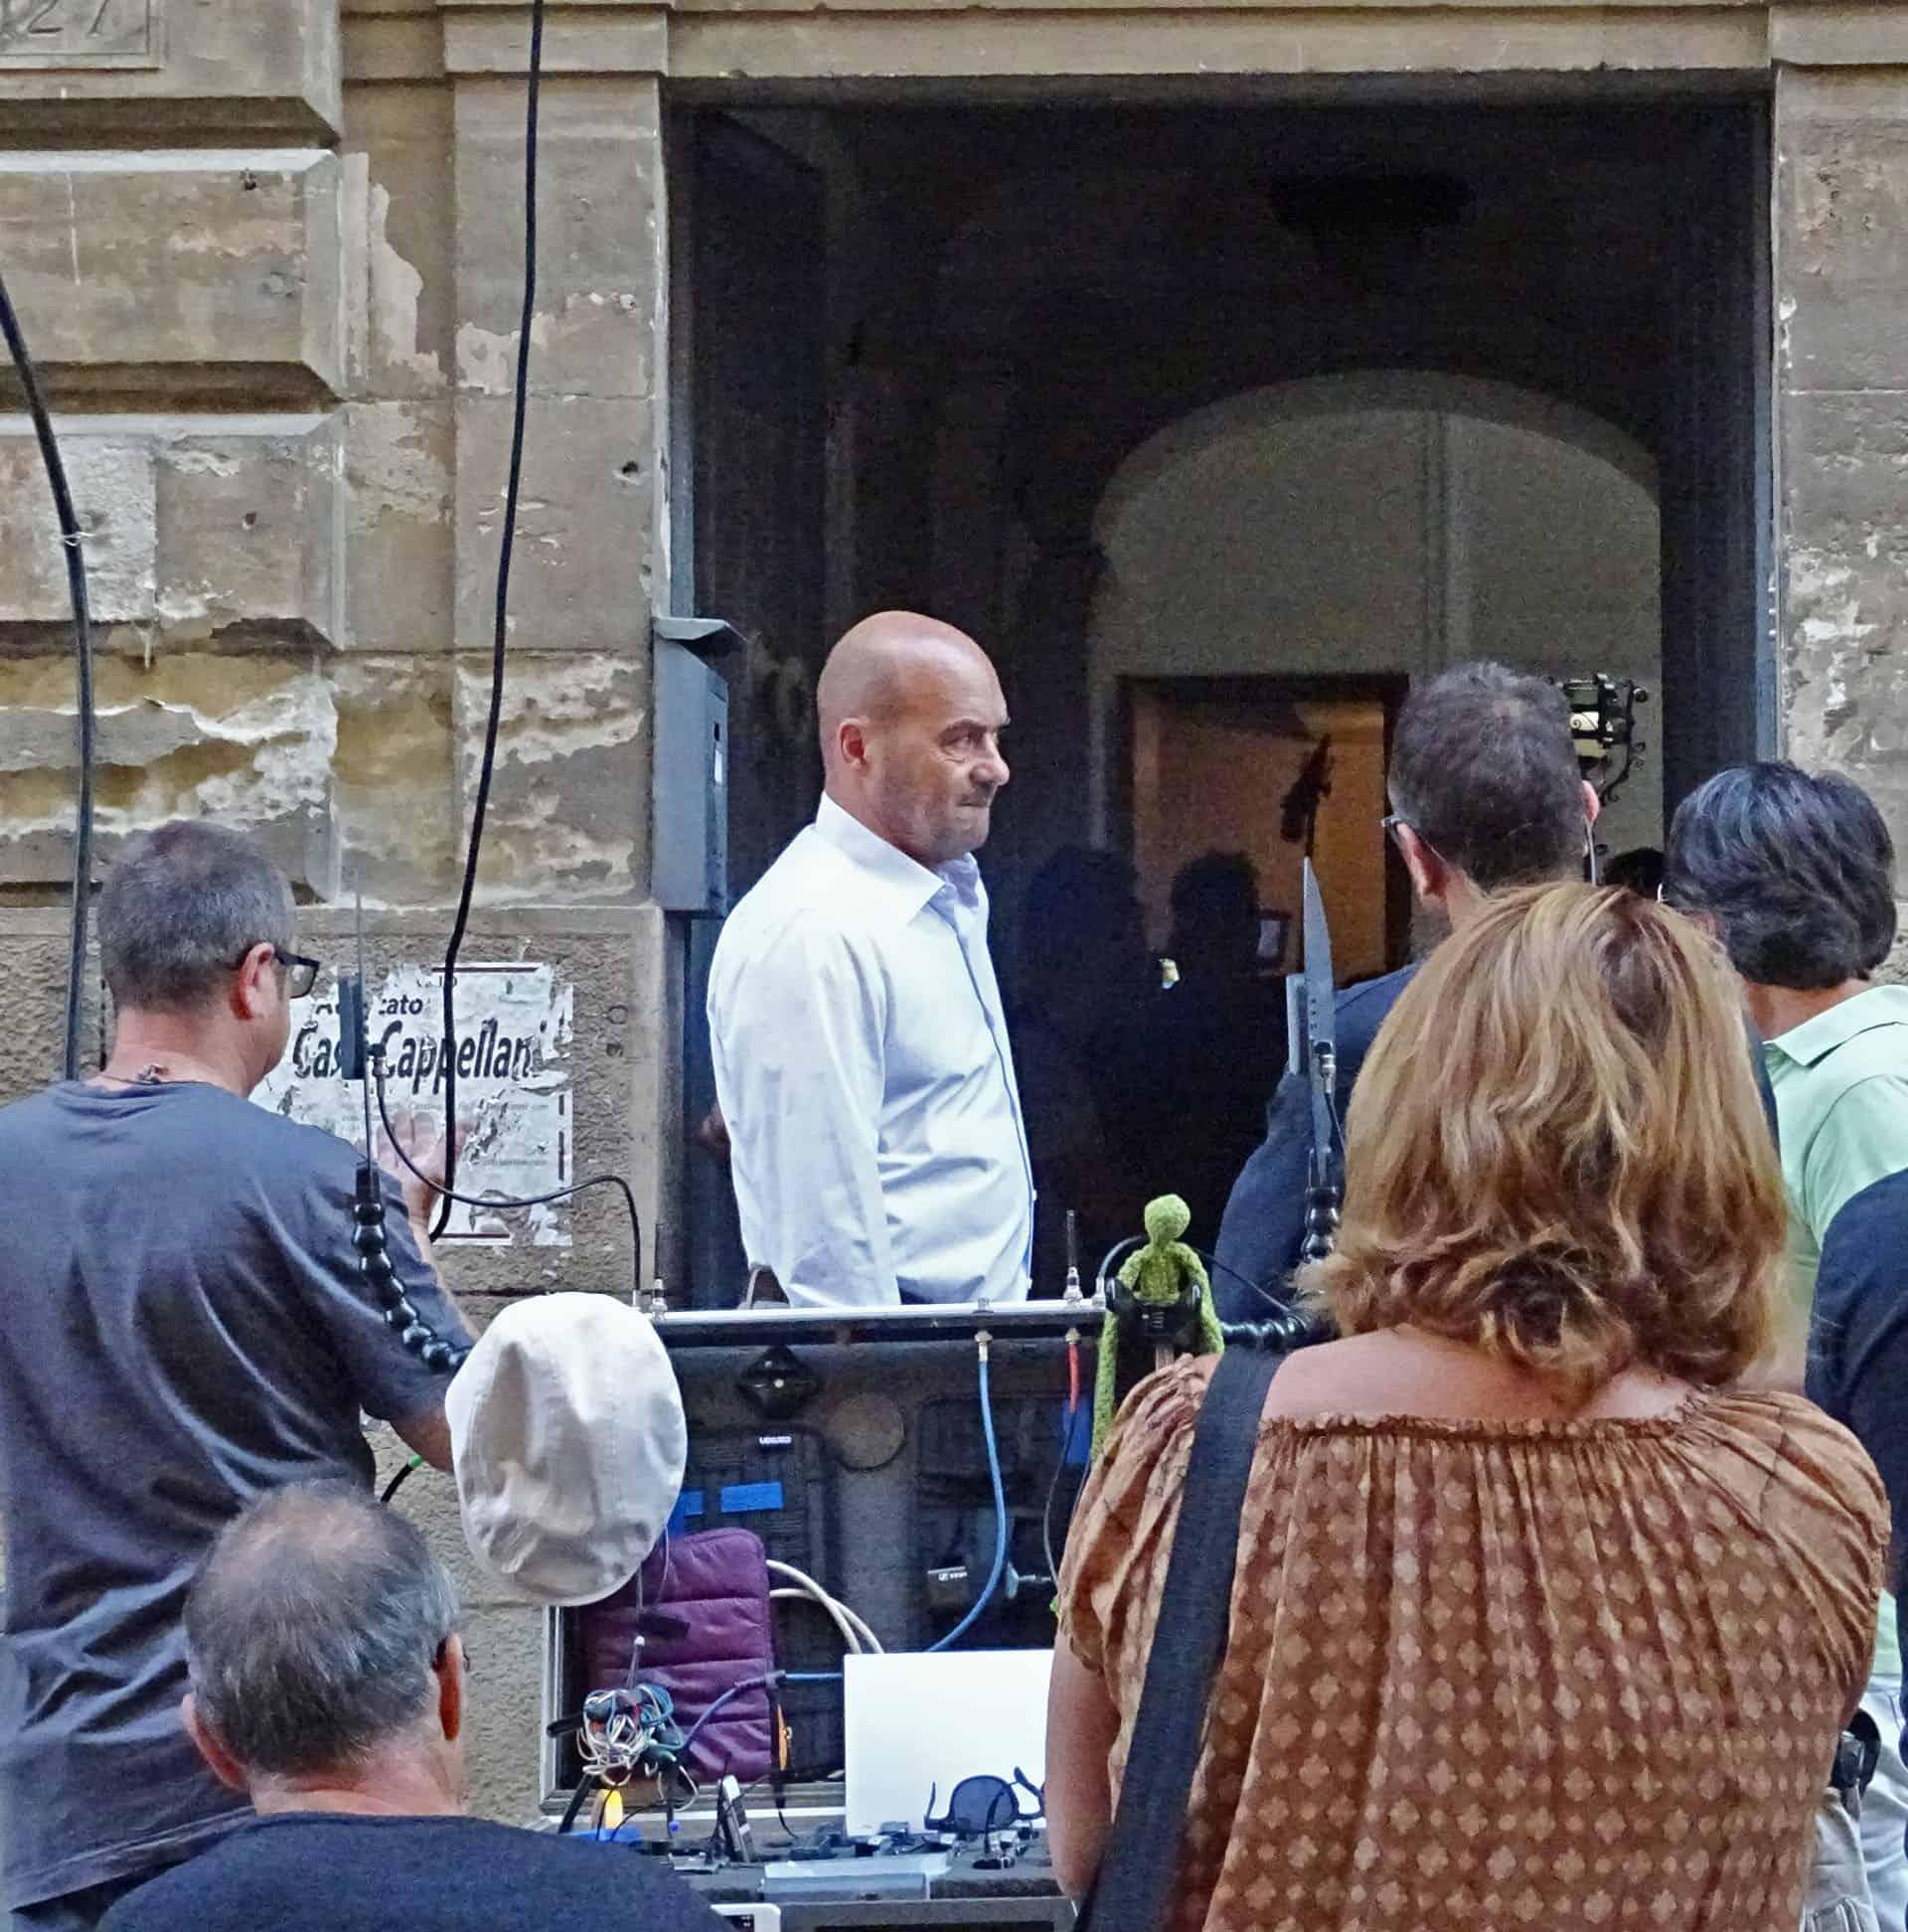 Il nostro fortuito incontro con Luca Zingaretti, bravissimo interprete nel ruolo del Commissario Montalbano